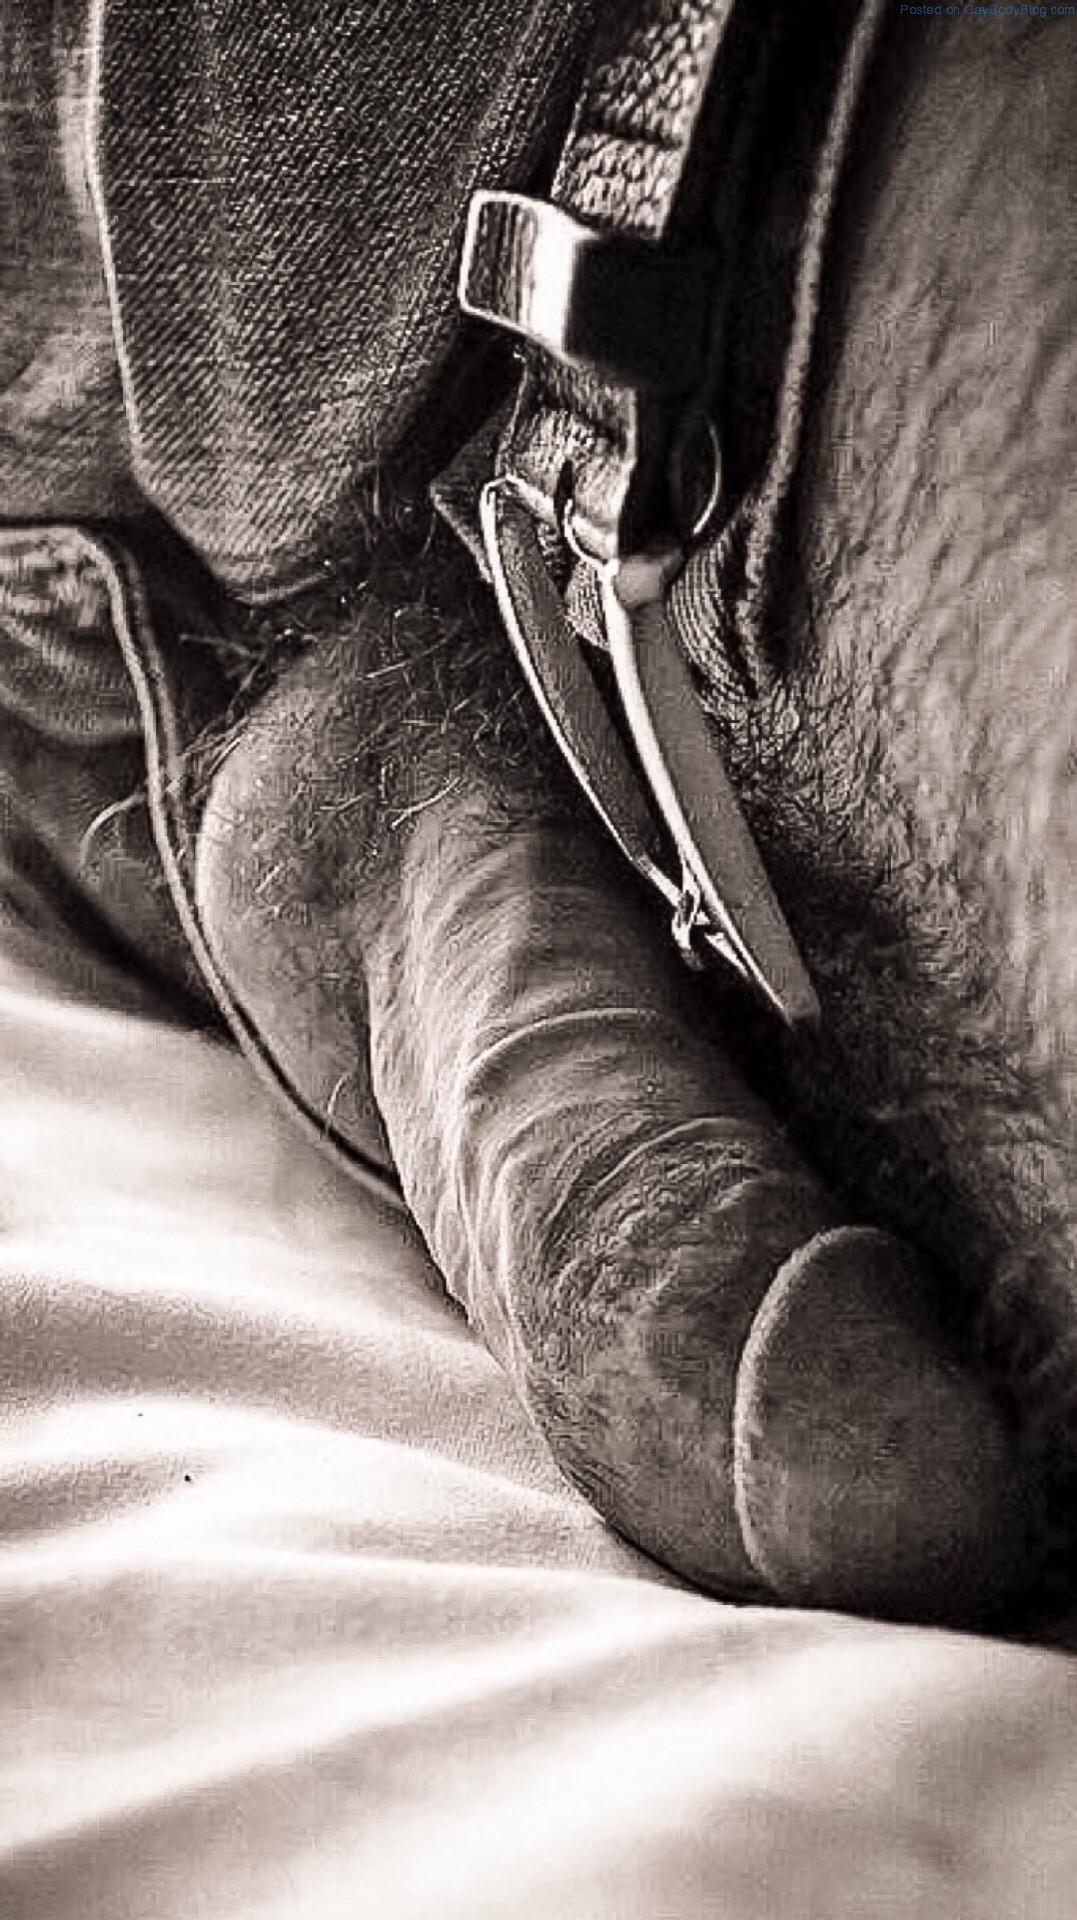 cock-shots-sexy-plump-boobs